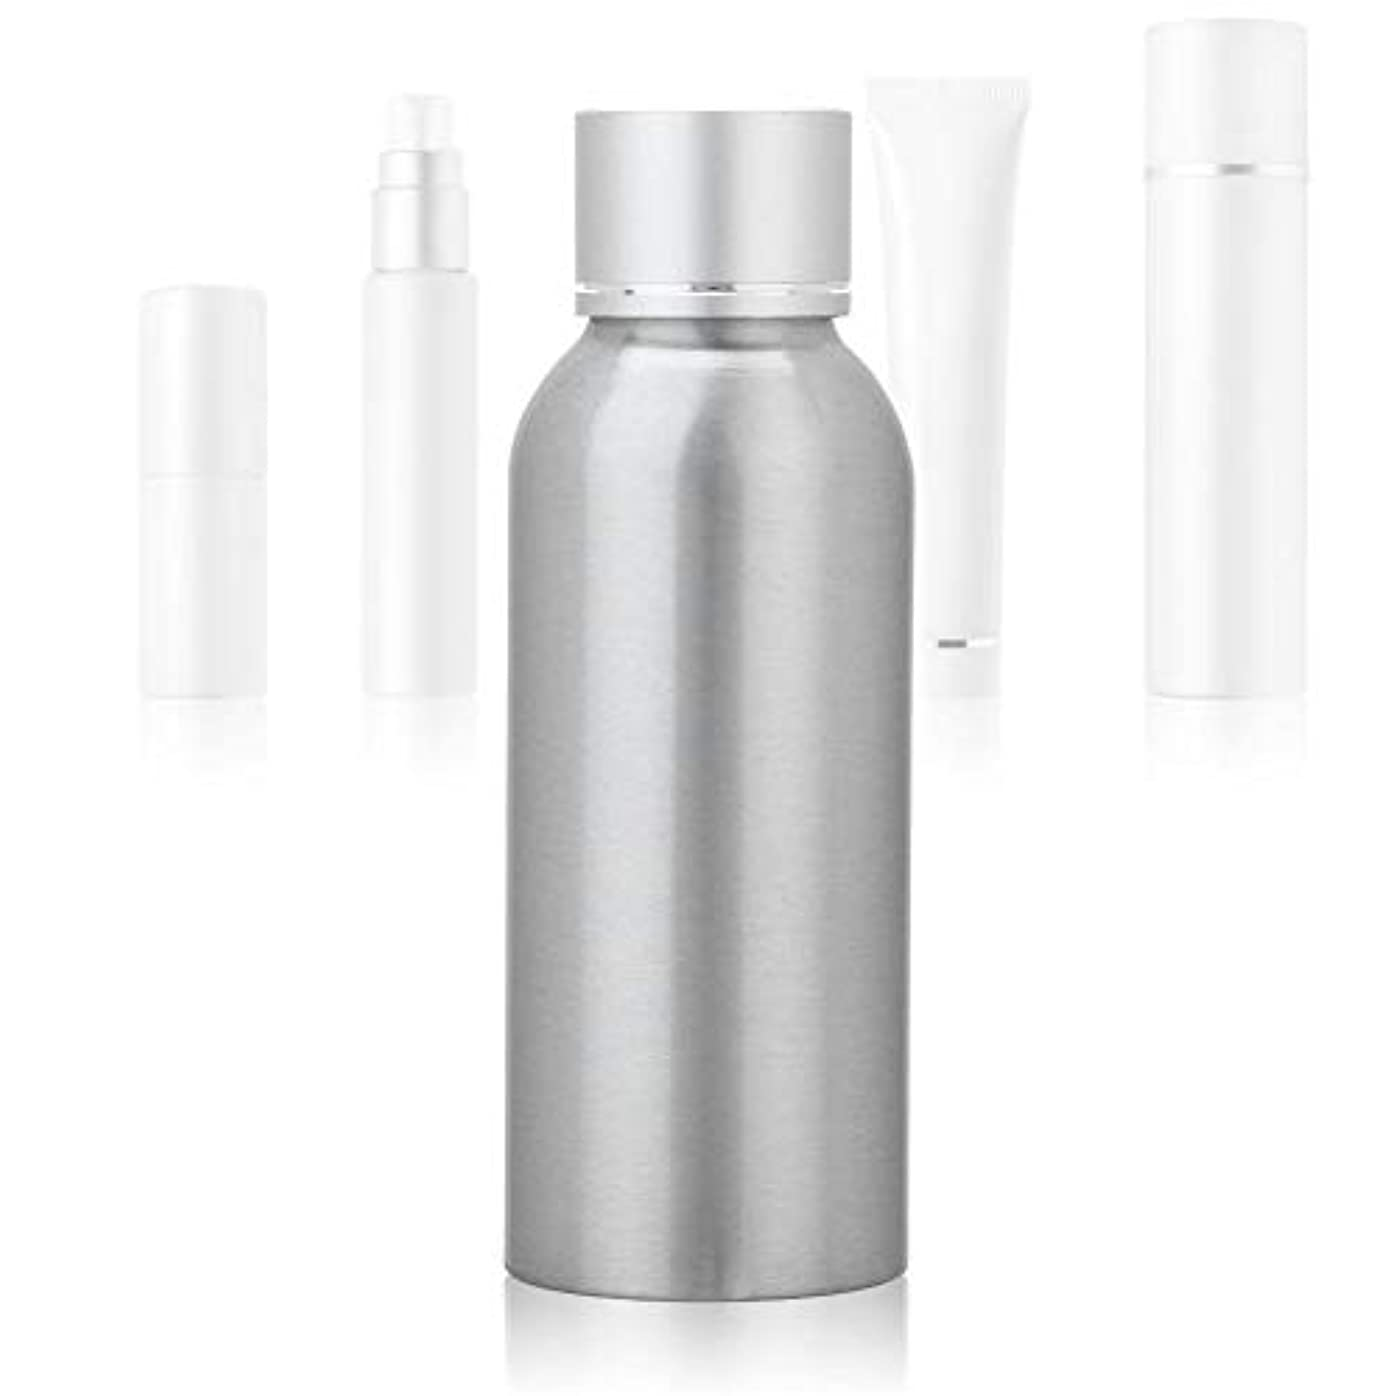 ビルダー創傷区100 MLアジア銀陽極酸化アルミニウム 空の化粧品ボトル ポータブルDIY スキンケア 製品トナーコンテナーボトル